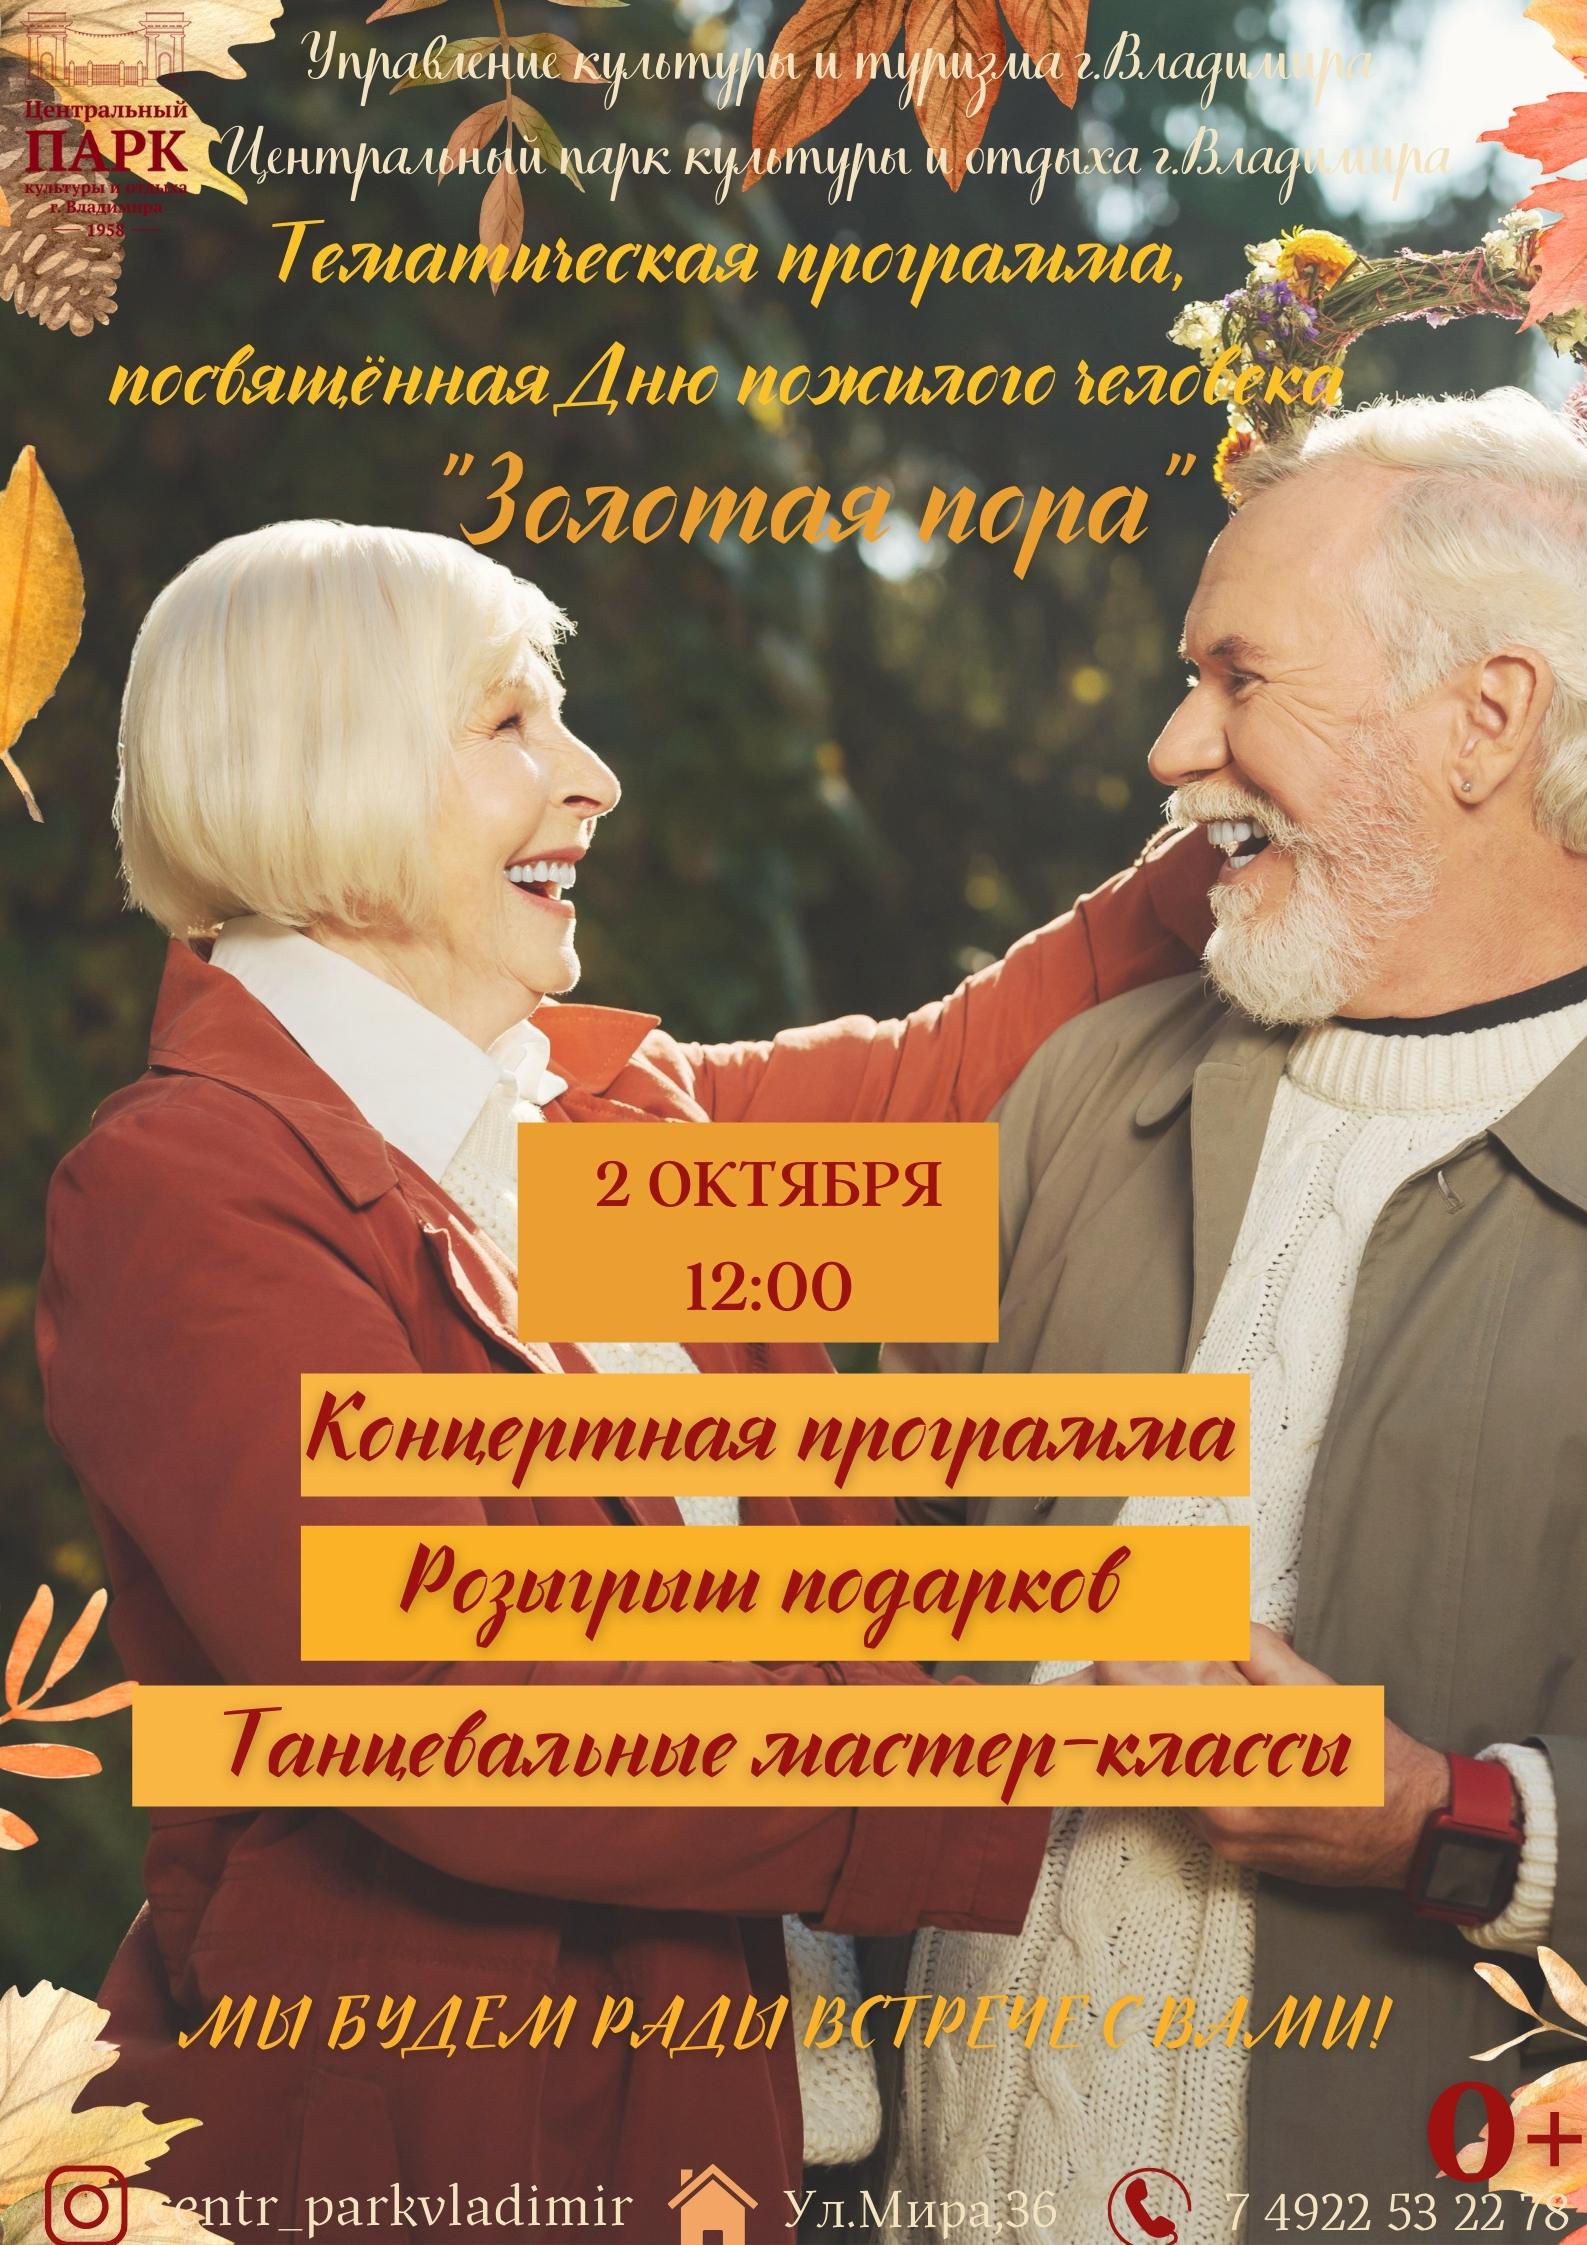 upravlenie_kultury_i_turizma_g_vladimira_tsentralny_park_kultury_i_otdykha_g_vladimira_5